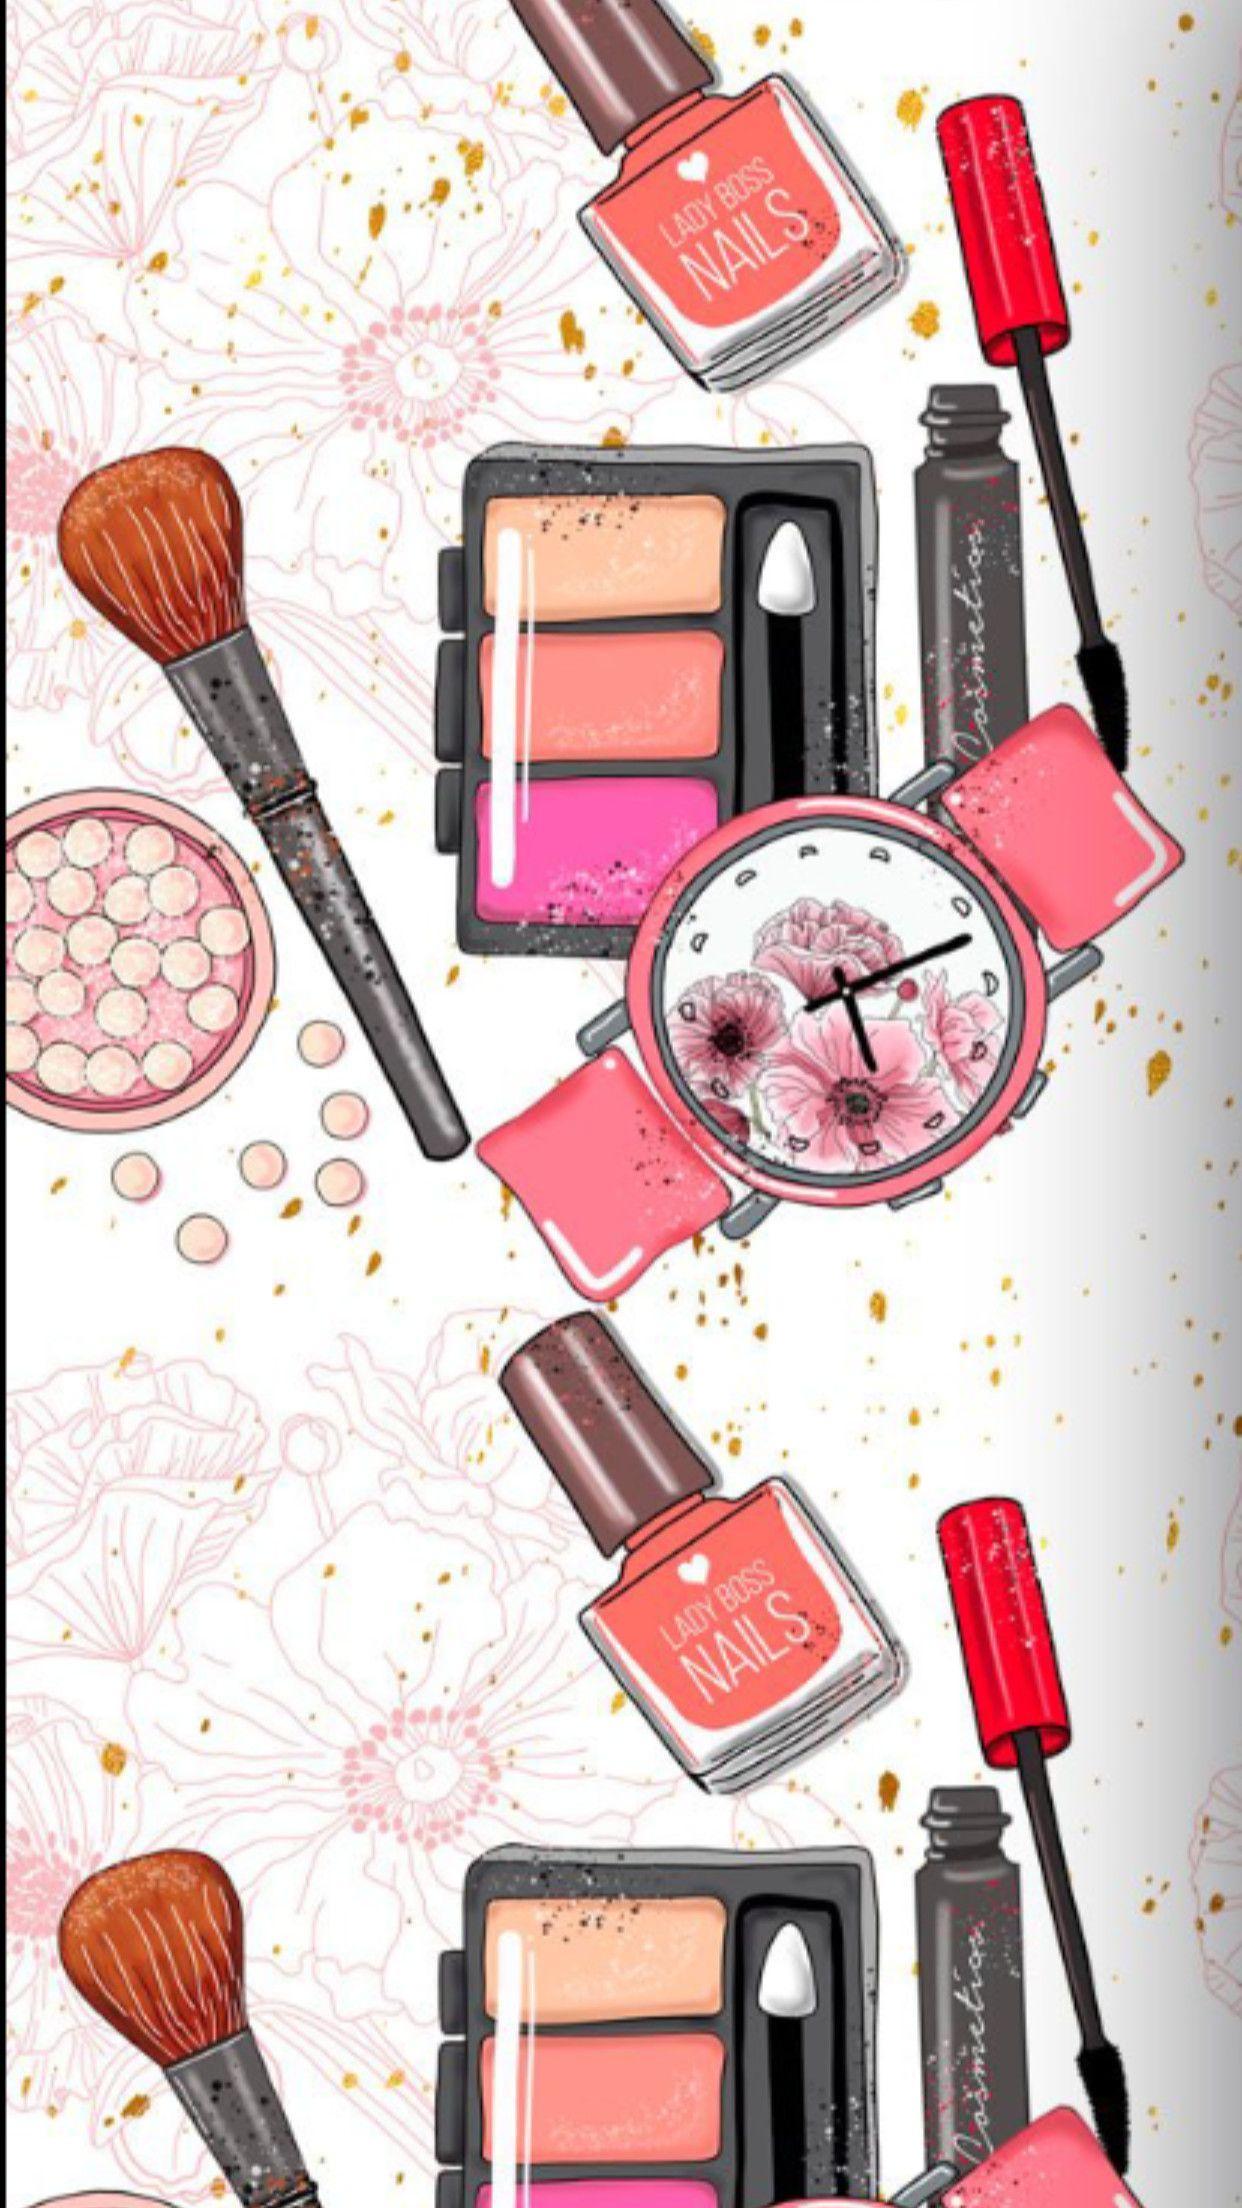 Makeup Iphone Wallpapers Top Free Makeup Iphone Backgrounds Wallpaperaccess